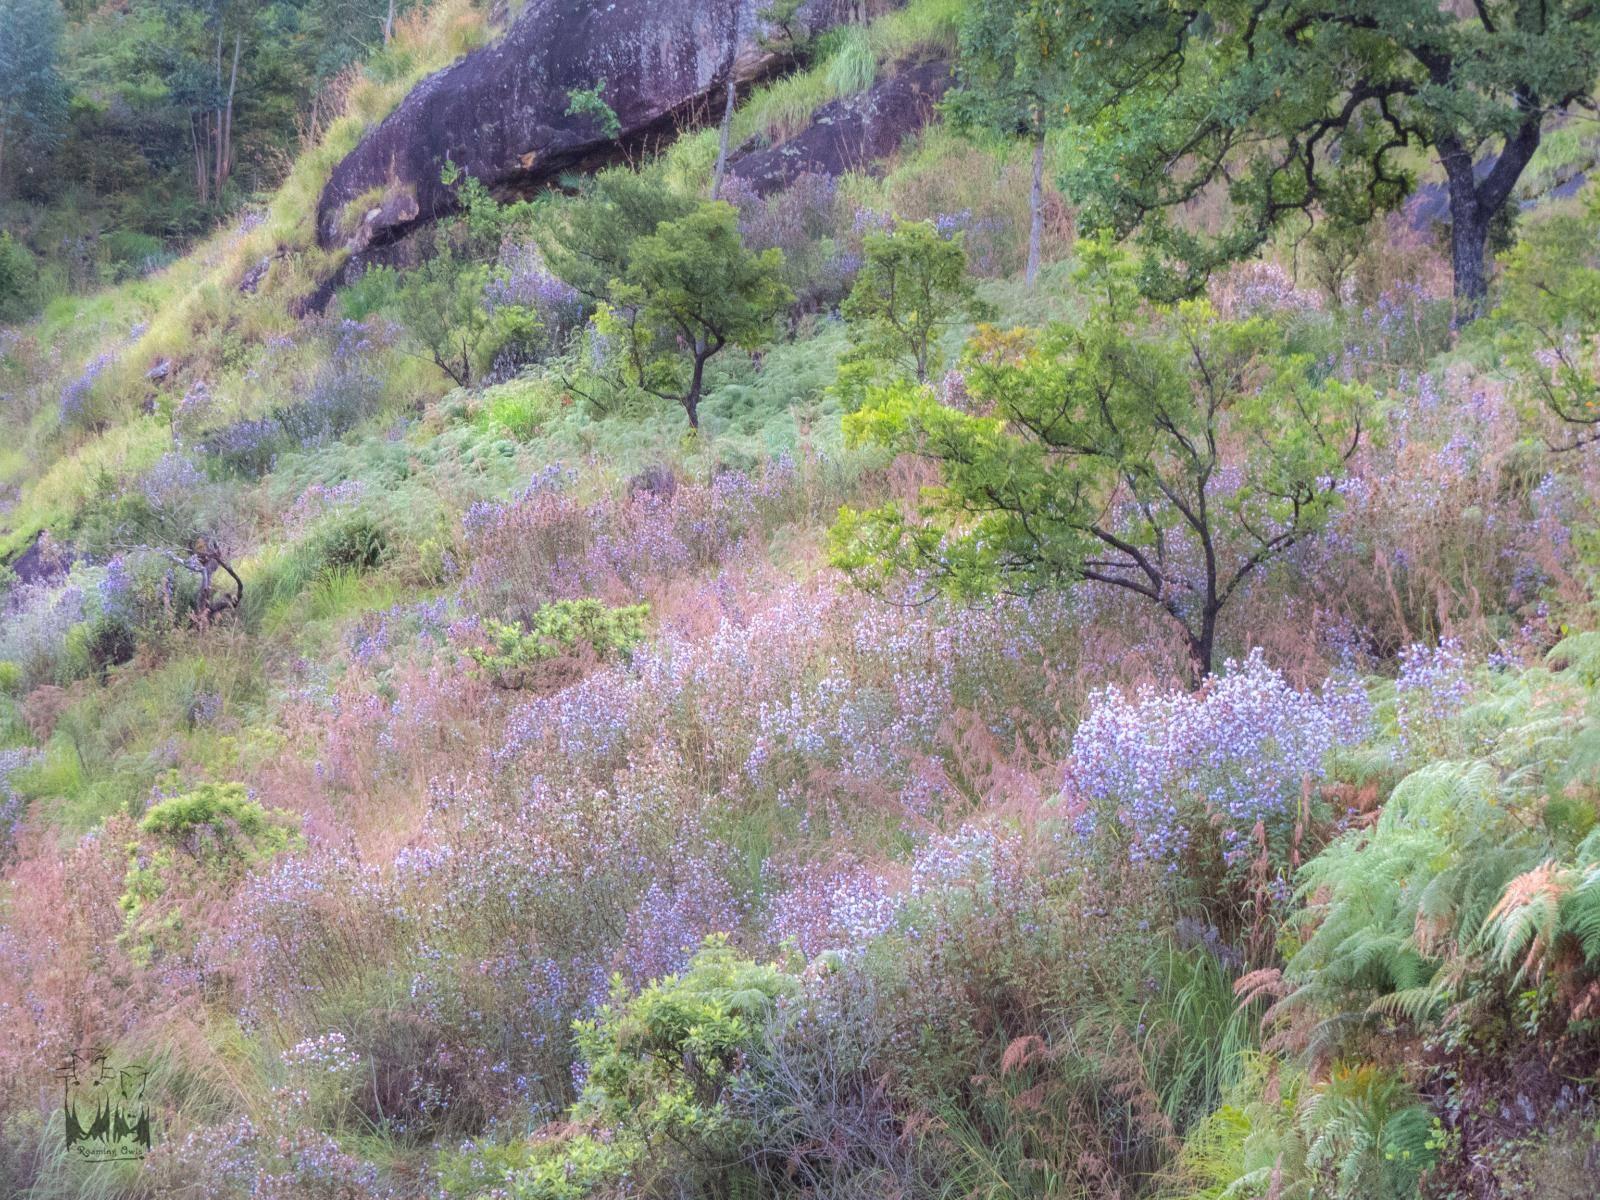 பழனி மலை தொடர்ச்சியில் குறிஞ்சி மலர்களை தேடி ஒரு பயணம்